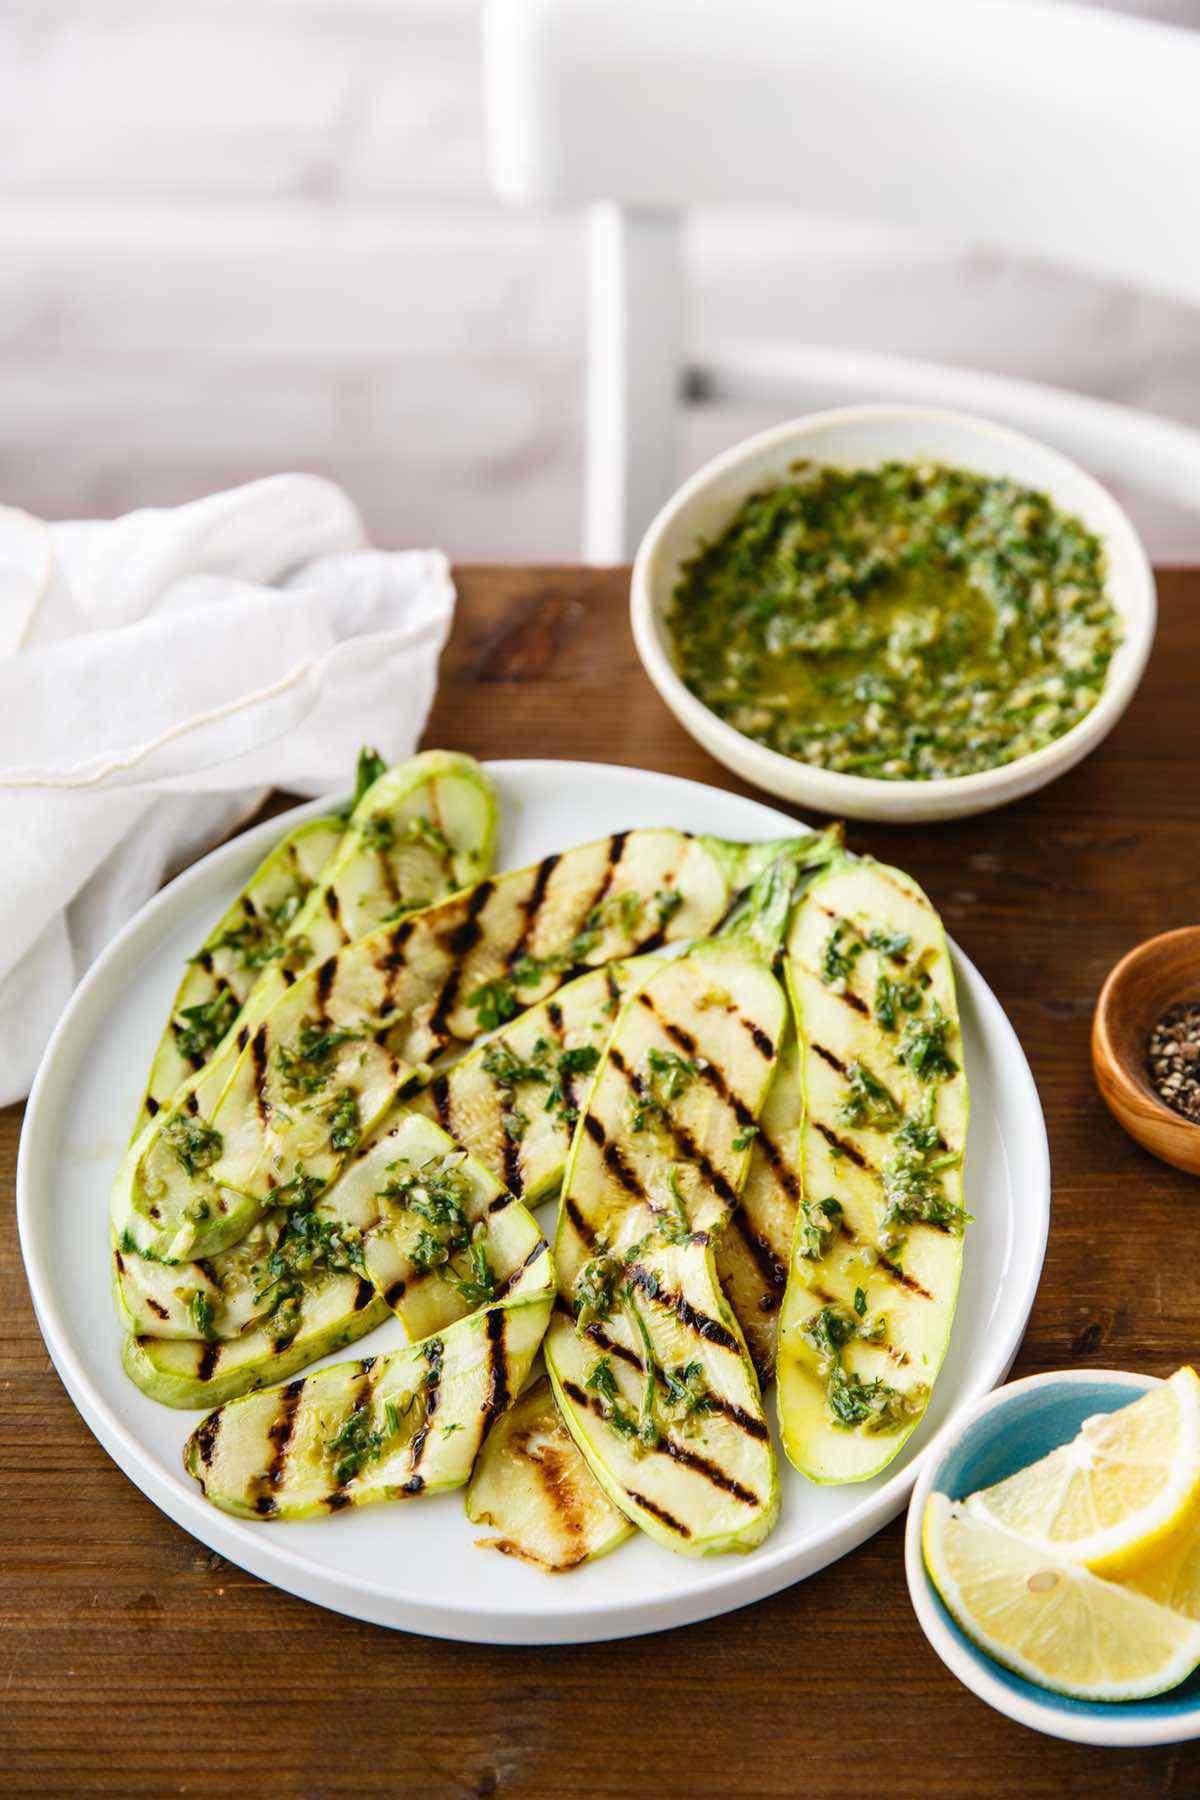 paleo grilled zucchini with salsa verde recipe